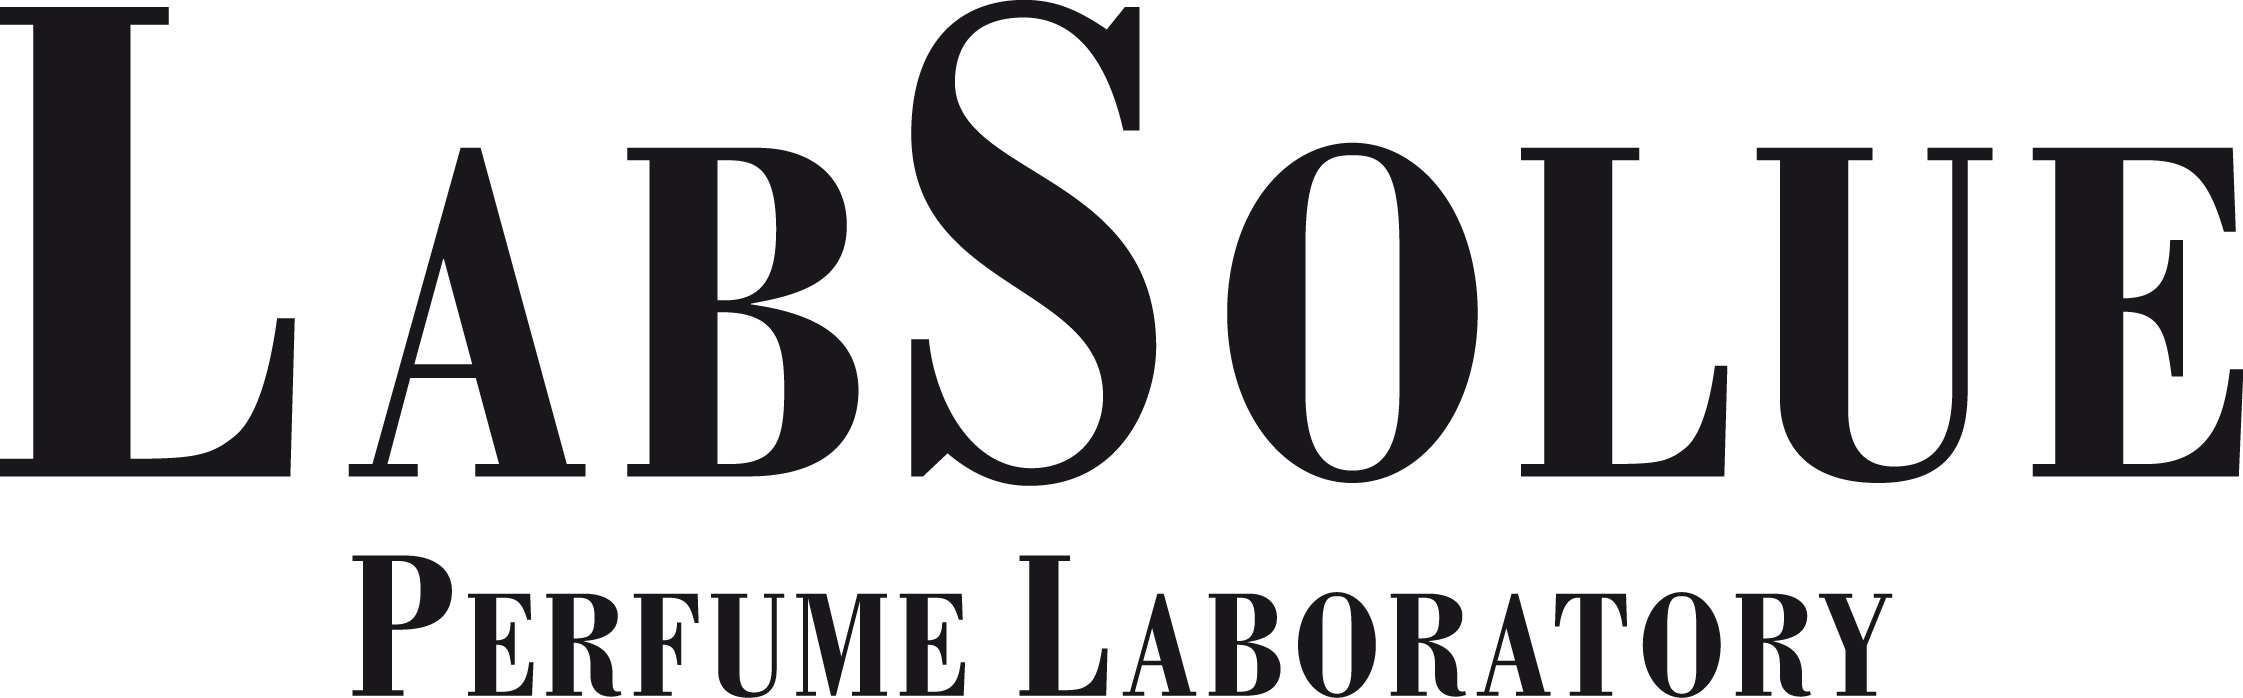 logo LabSolue+perfume lab